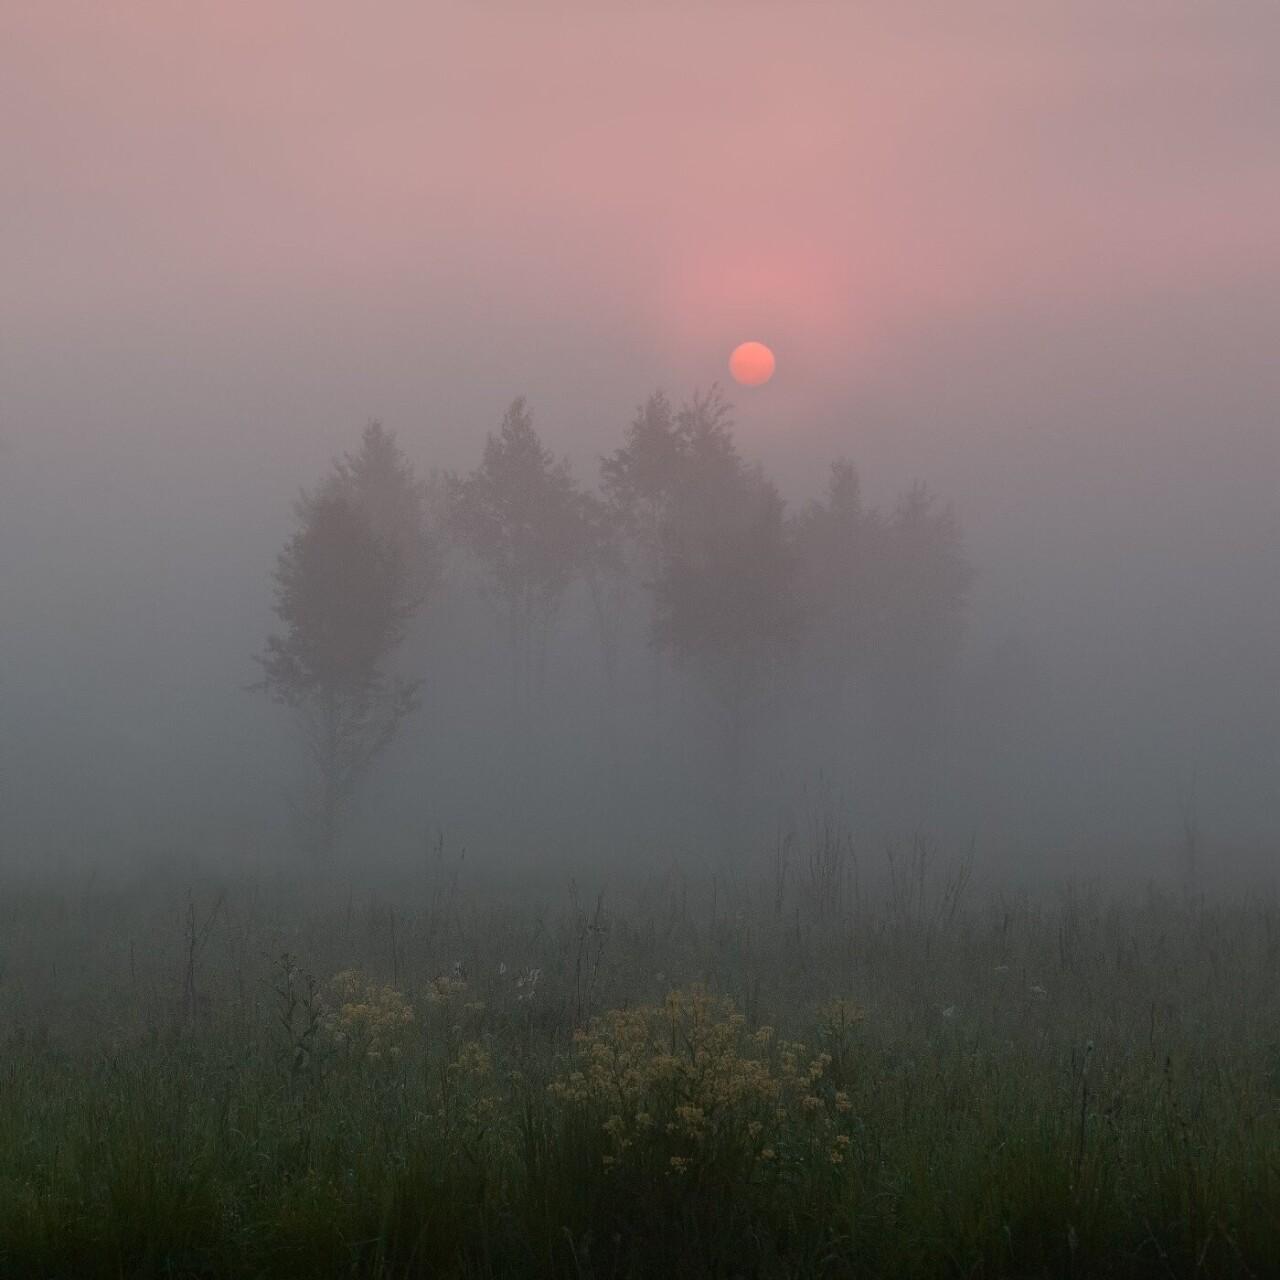 Номинант, 2021. «Свежее утро». Густой туман скрывает солнце на невысоких берегах реки Оки. Фотограф WNDRDR